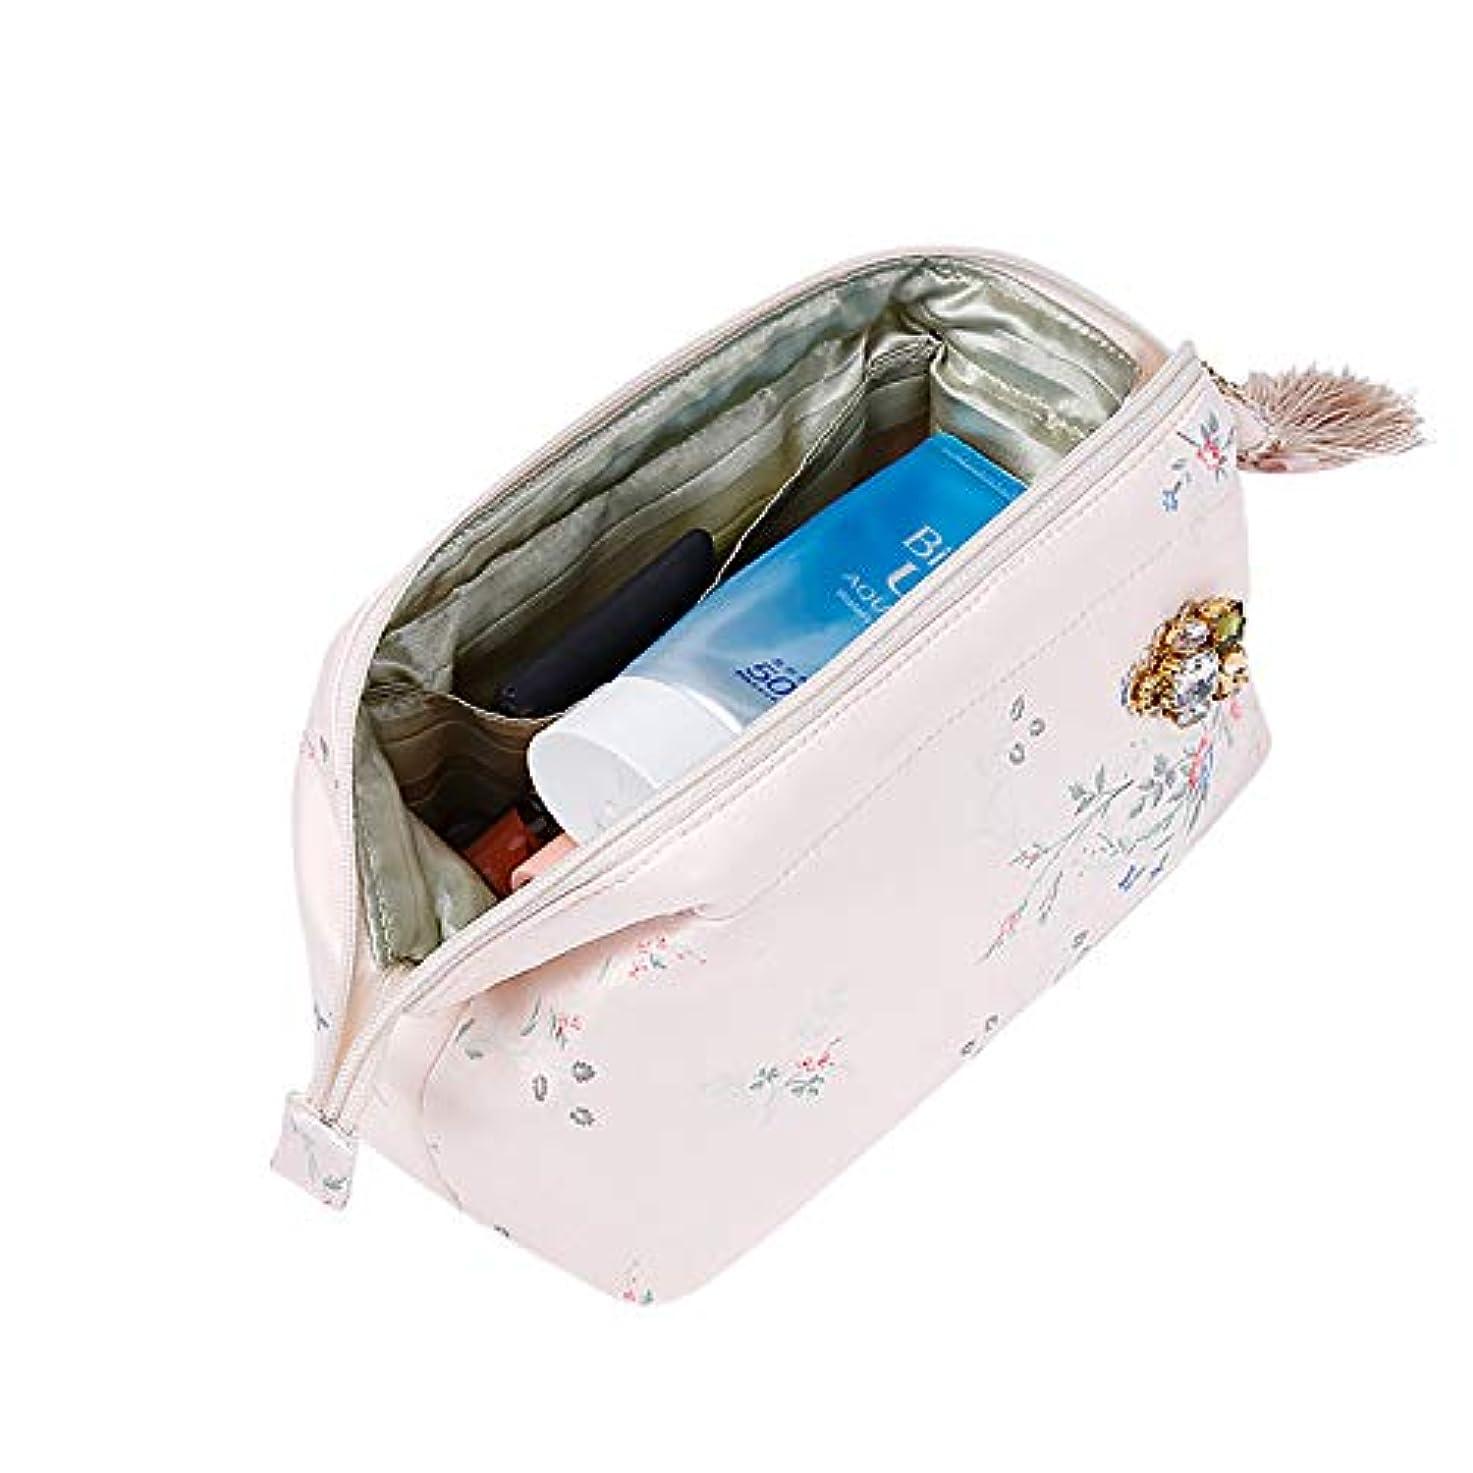 固有のハードウェア成長Rownyeon 上質 メイクポーチ 大容量 花柄 化粧ポーチ コスメポーチ ブラシいれ付き 携帯用 和風 ピンク おしゃれ 可愛い 機能的 バニティポーチ プレゼント